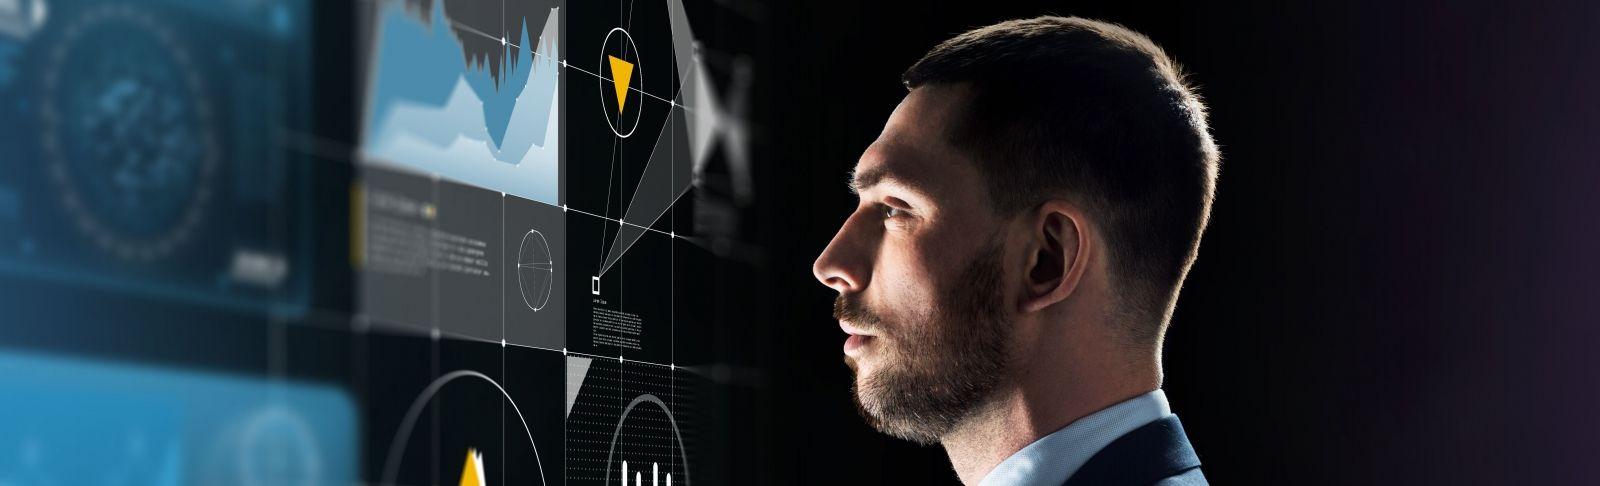 Els directius han de liderar la transformació digital | Acistock